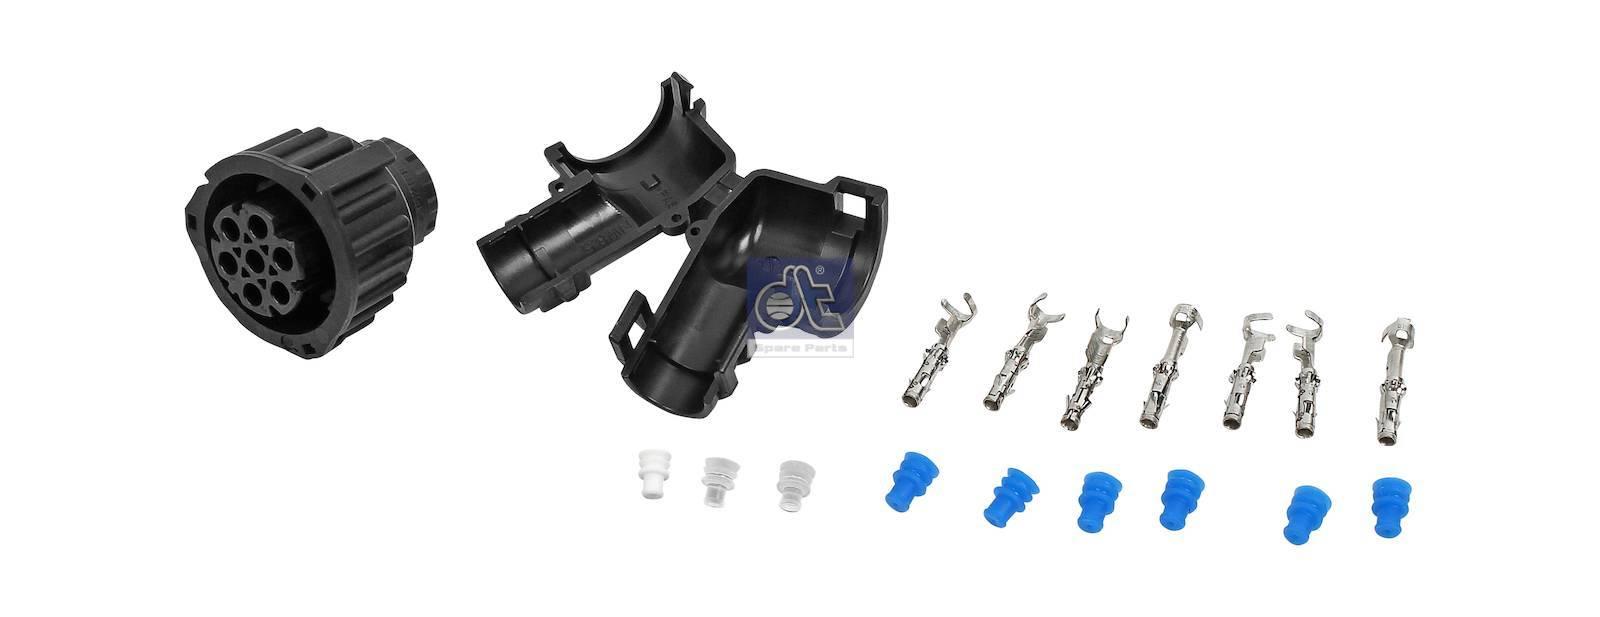 Repair kit, plug